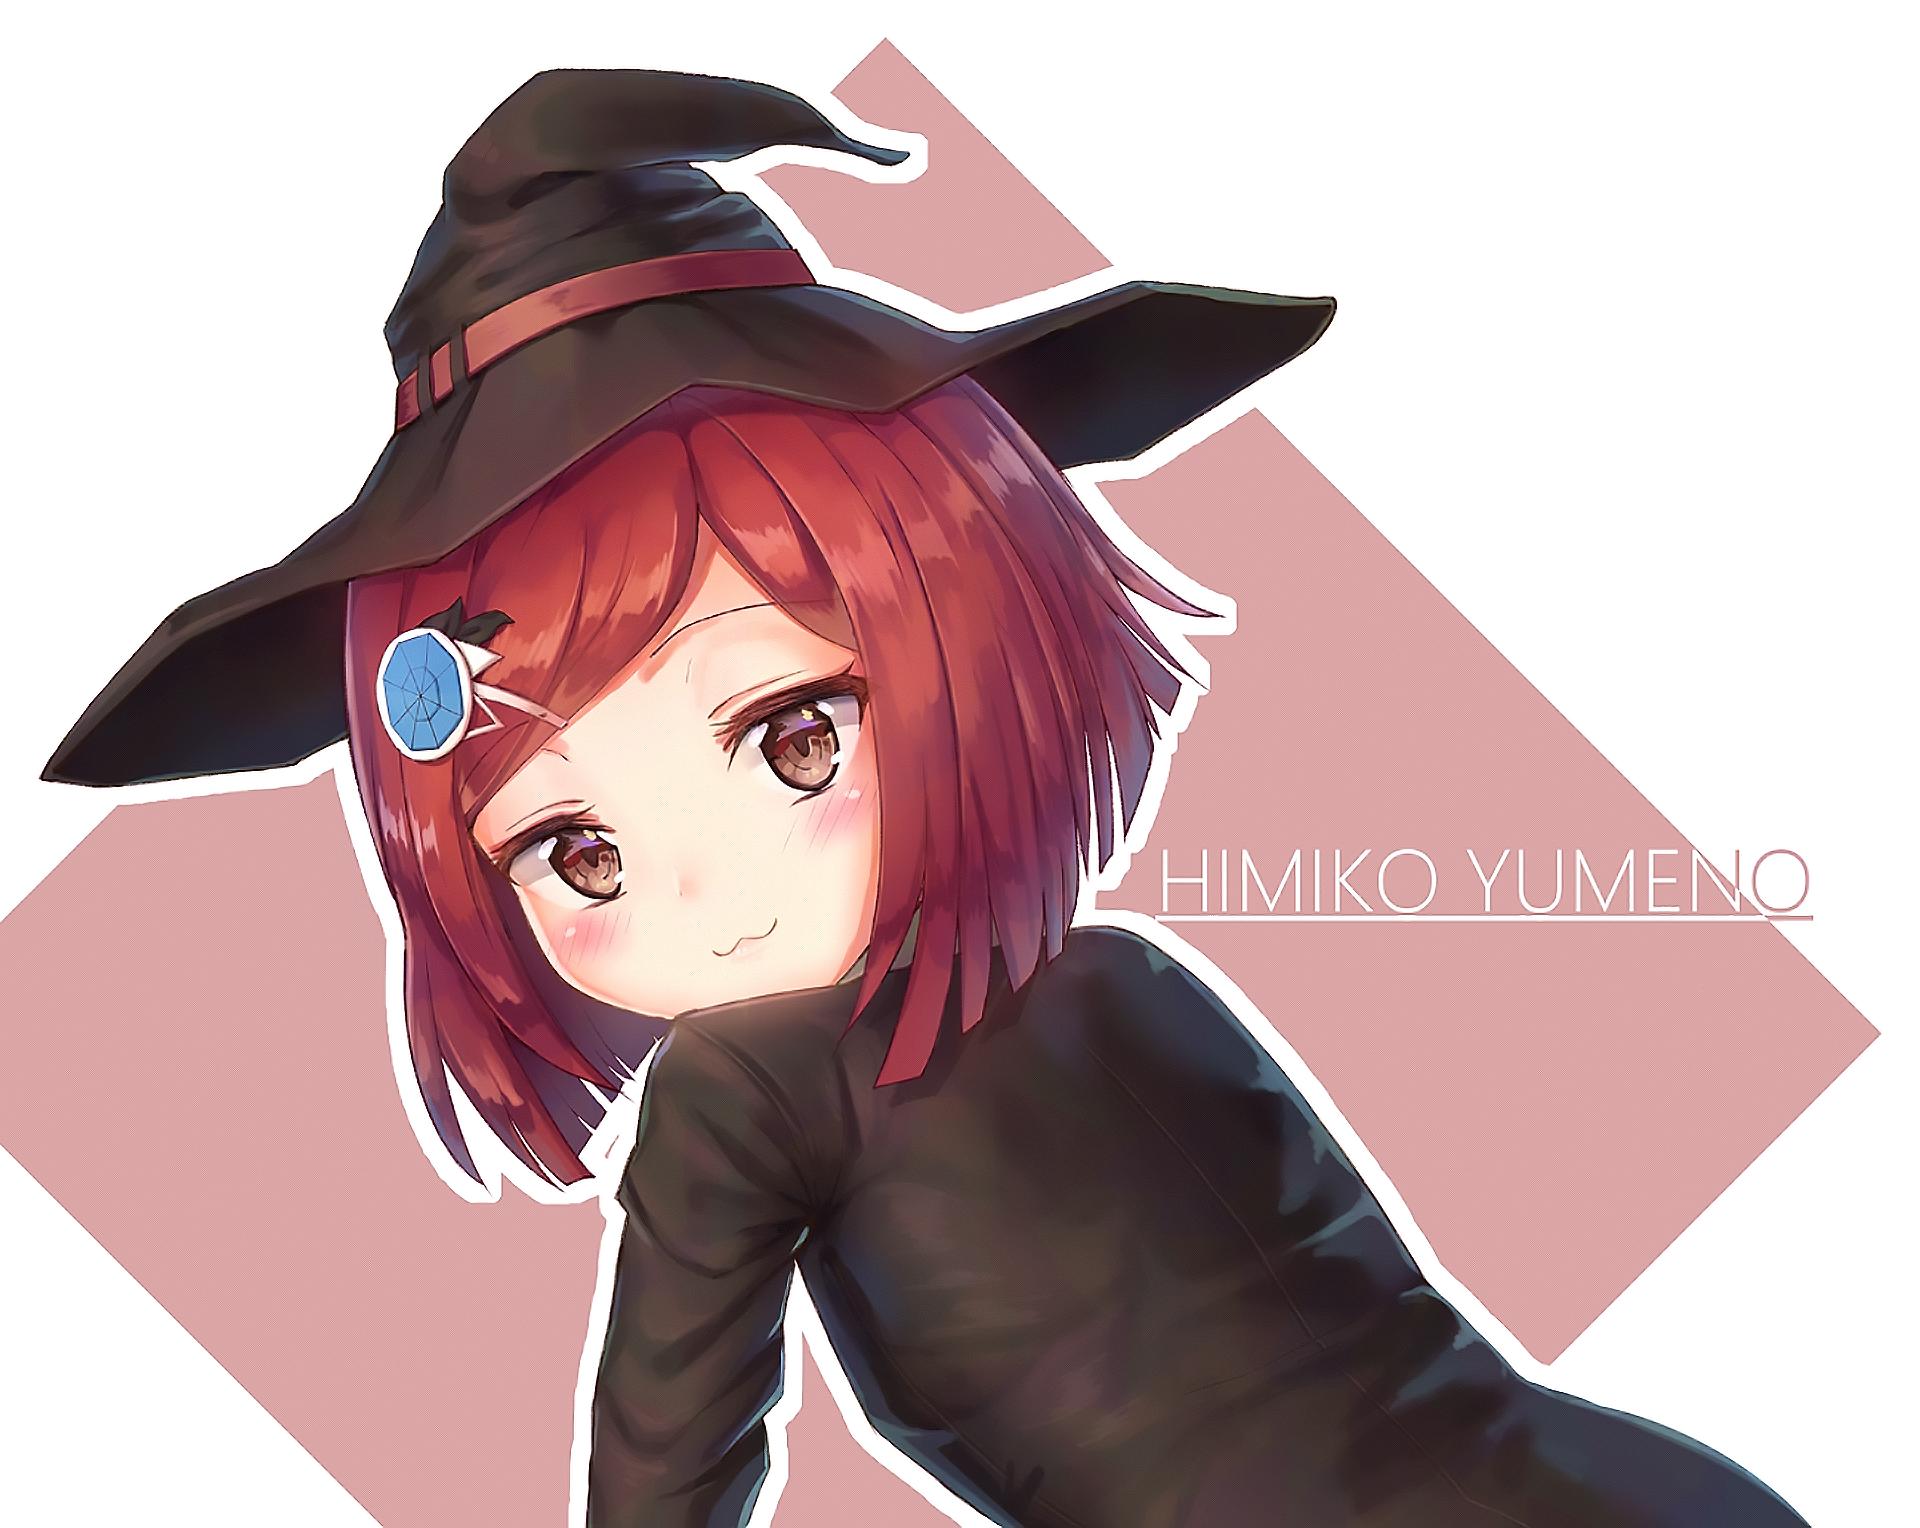 Pin by *☆ мιcнιкσ ☆* on Himiko Yumeno °。⋆⸜(ू。•ω